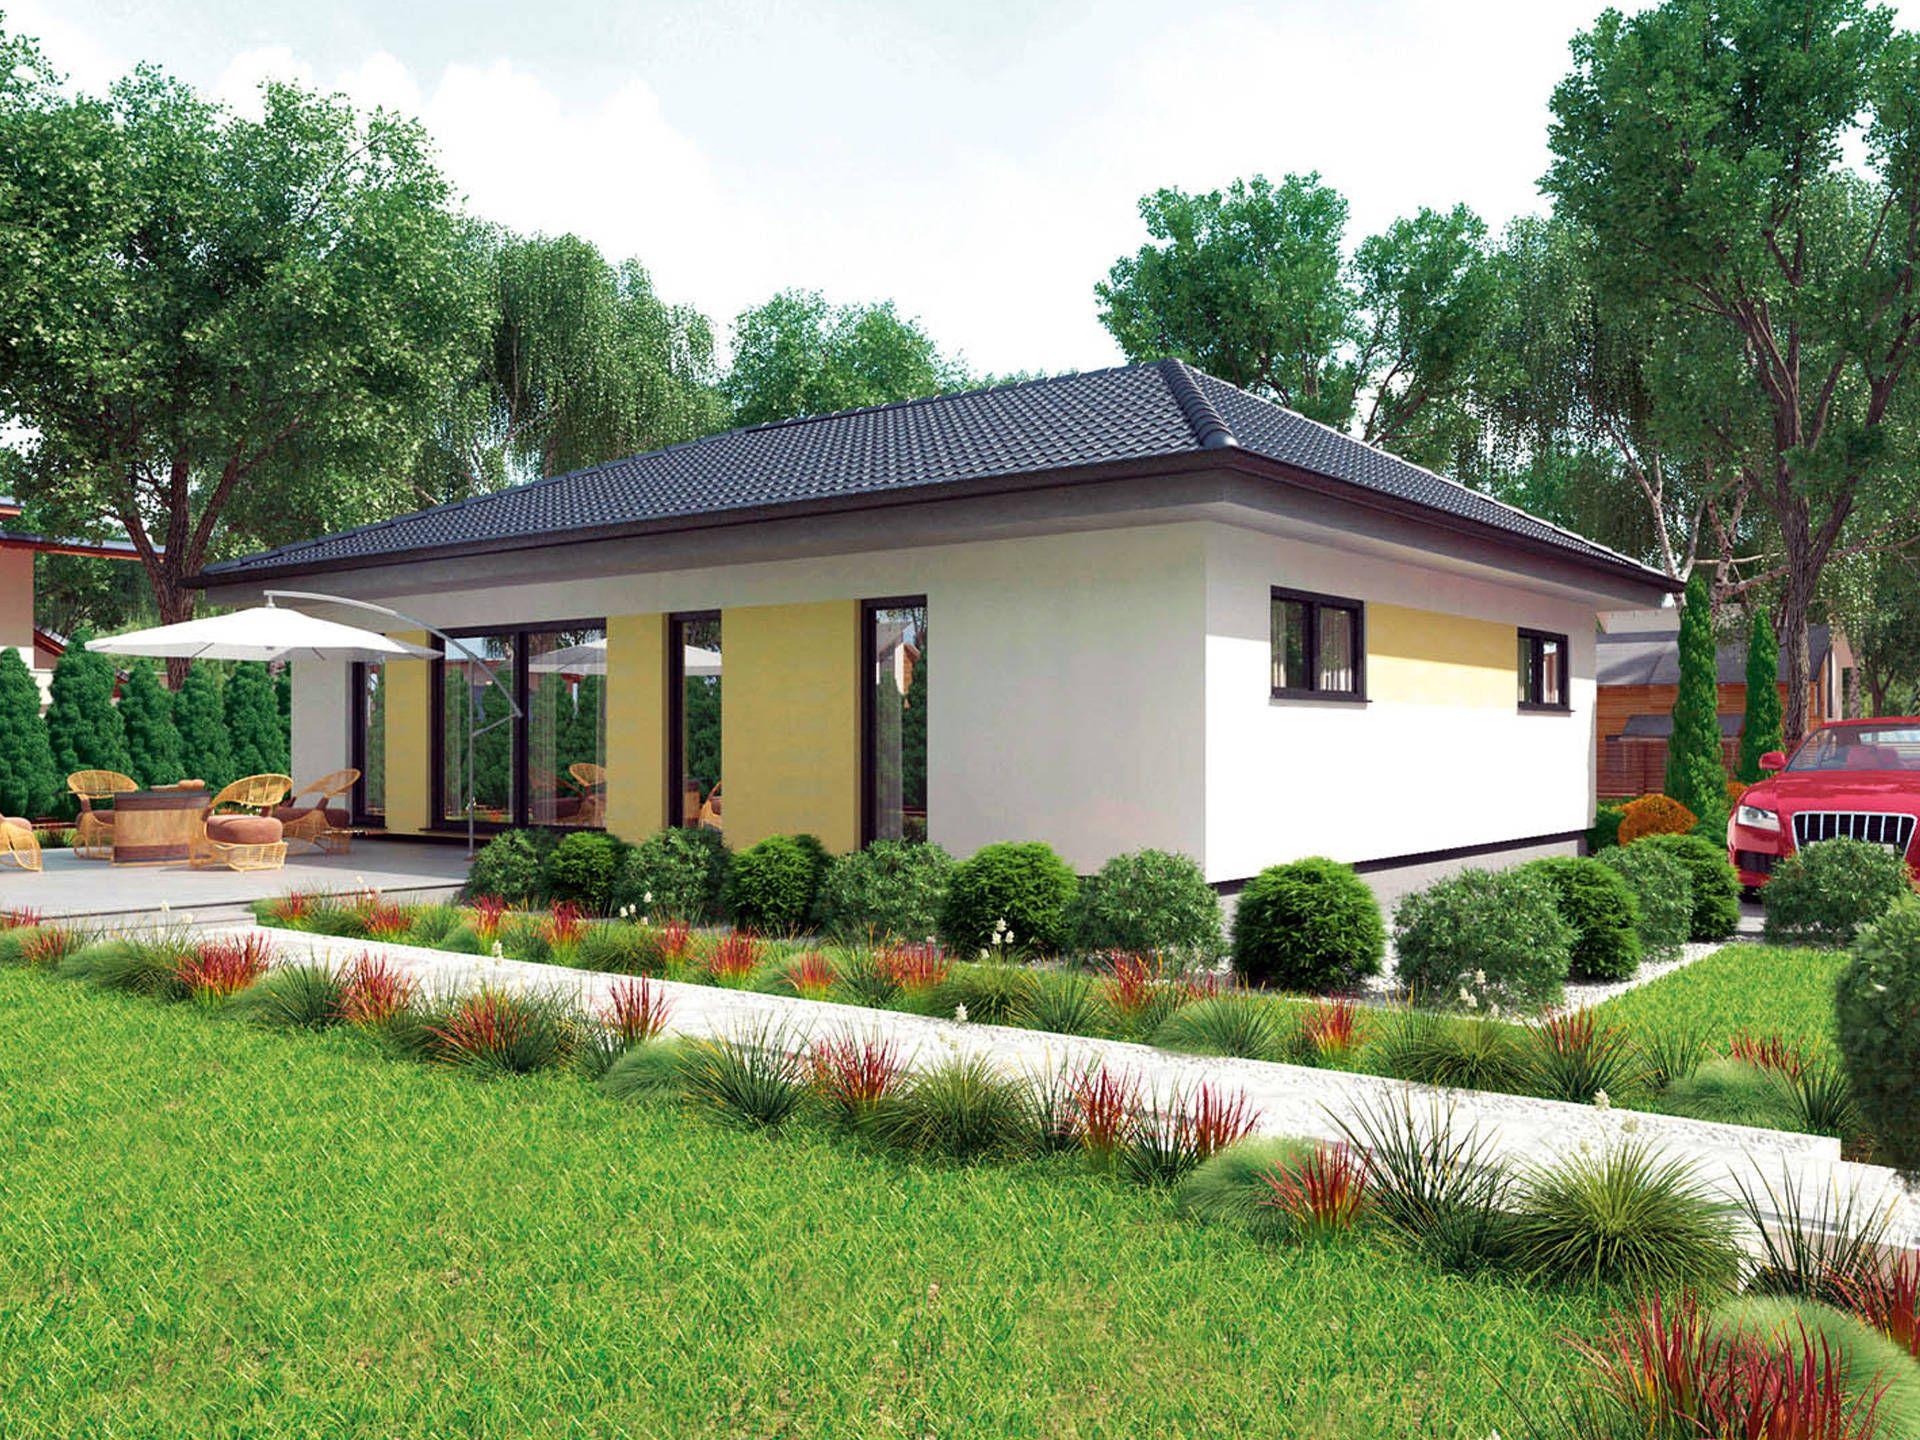 Massivhaus bungalow  Bungalow Comfort 113 W • Bungalow von HARTL Haus • Individuelles ...